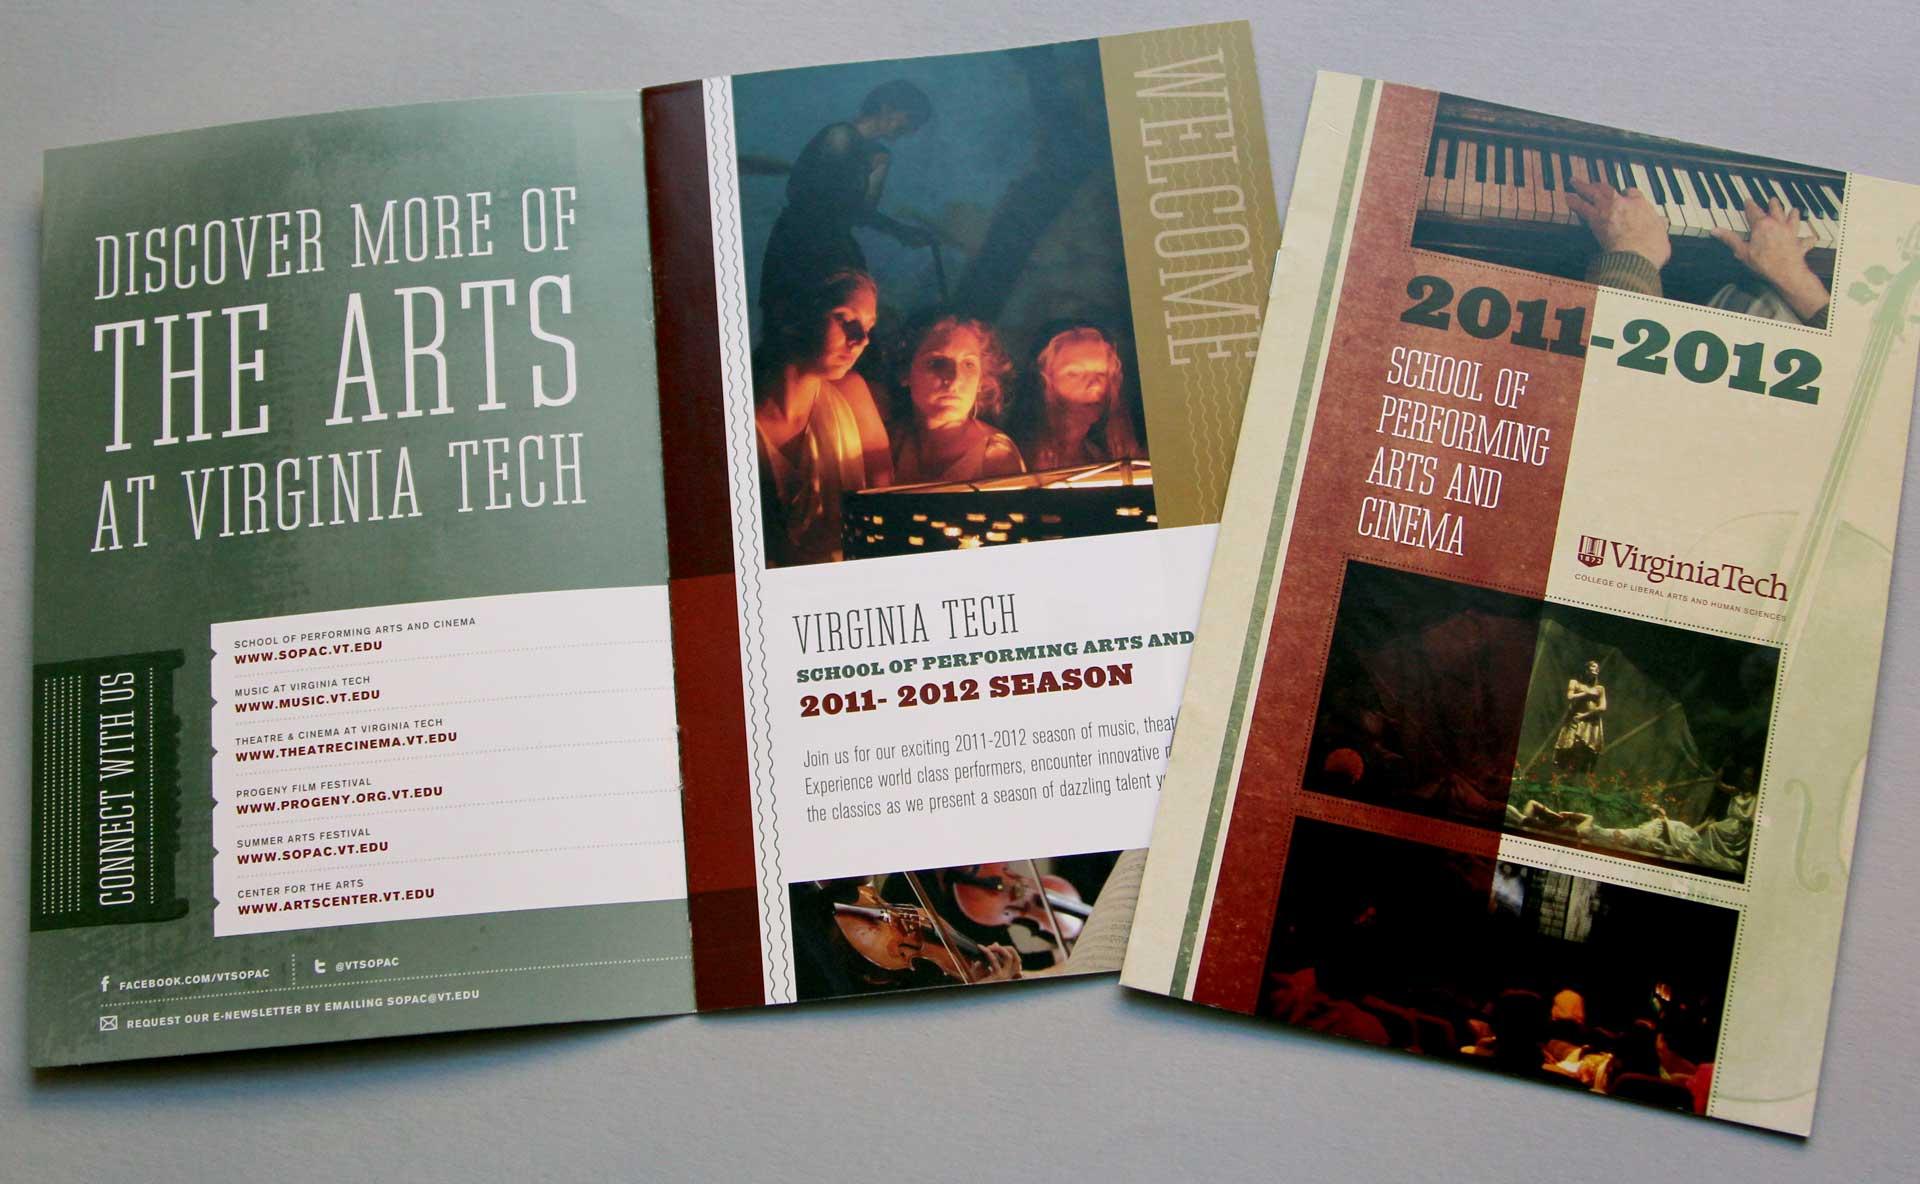 Virginia Tech School of Performing Arts brochure cover